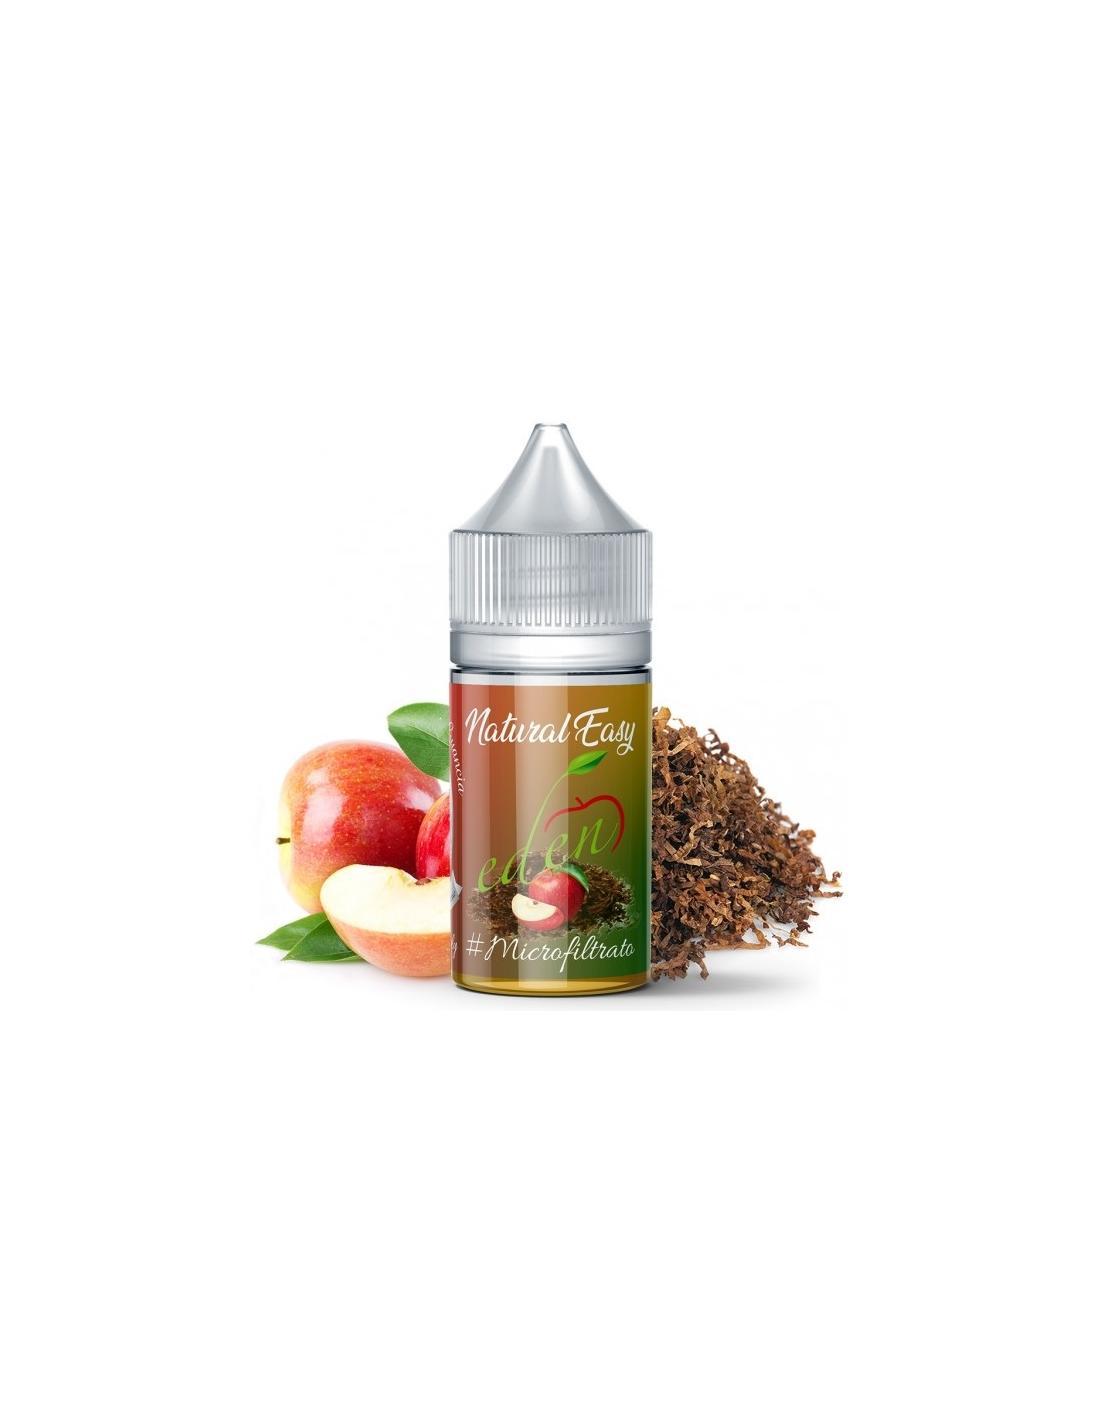 Angolo di Guancia Eden Liquido Adg Natural Easy Aroma Organico 10 Ml Tabacco E Mela